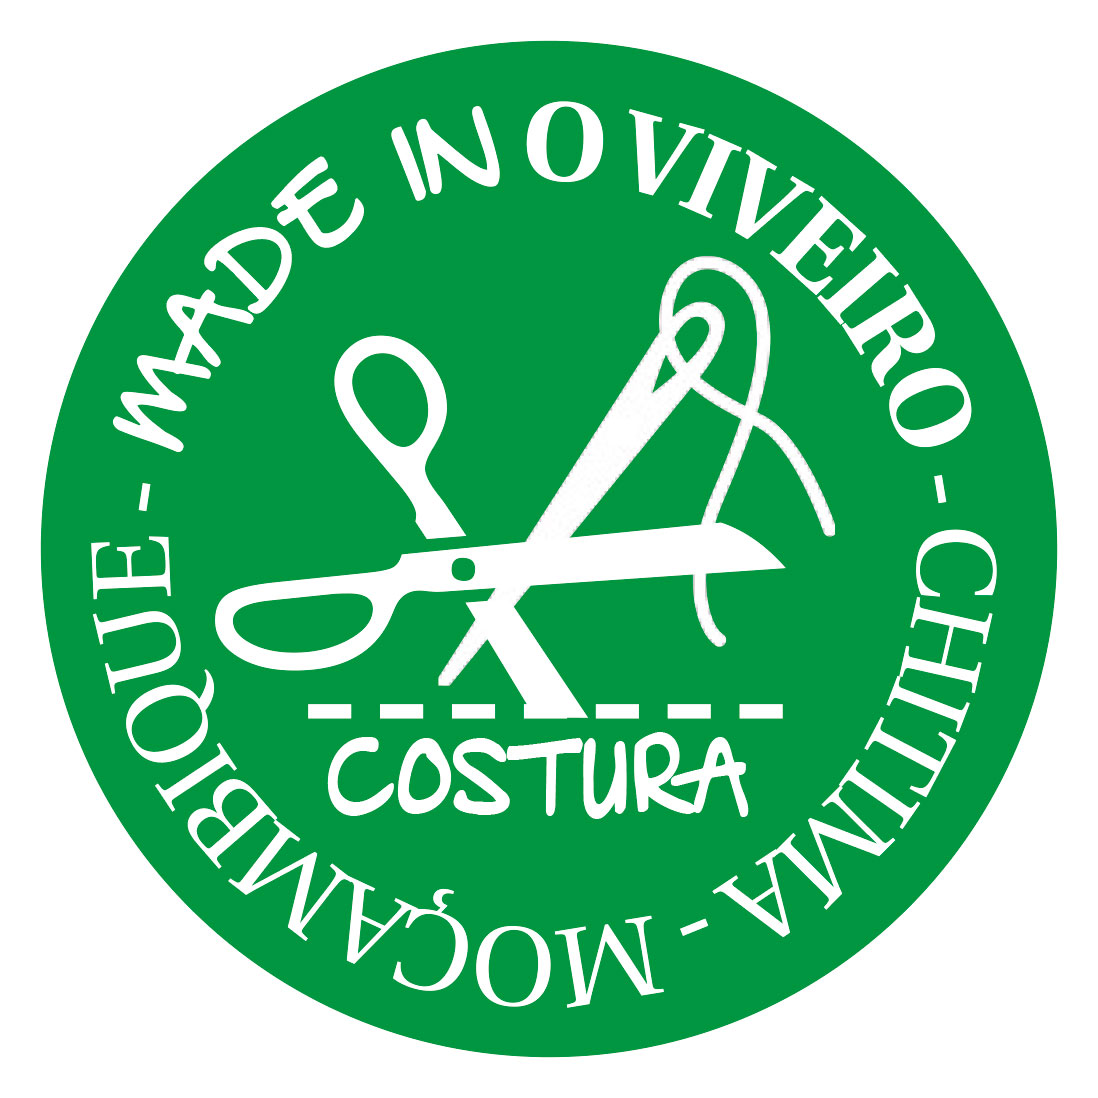 logo MADE IN O VIVEIRO - COSTURA